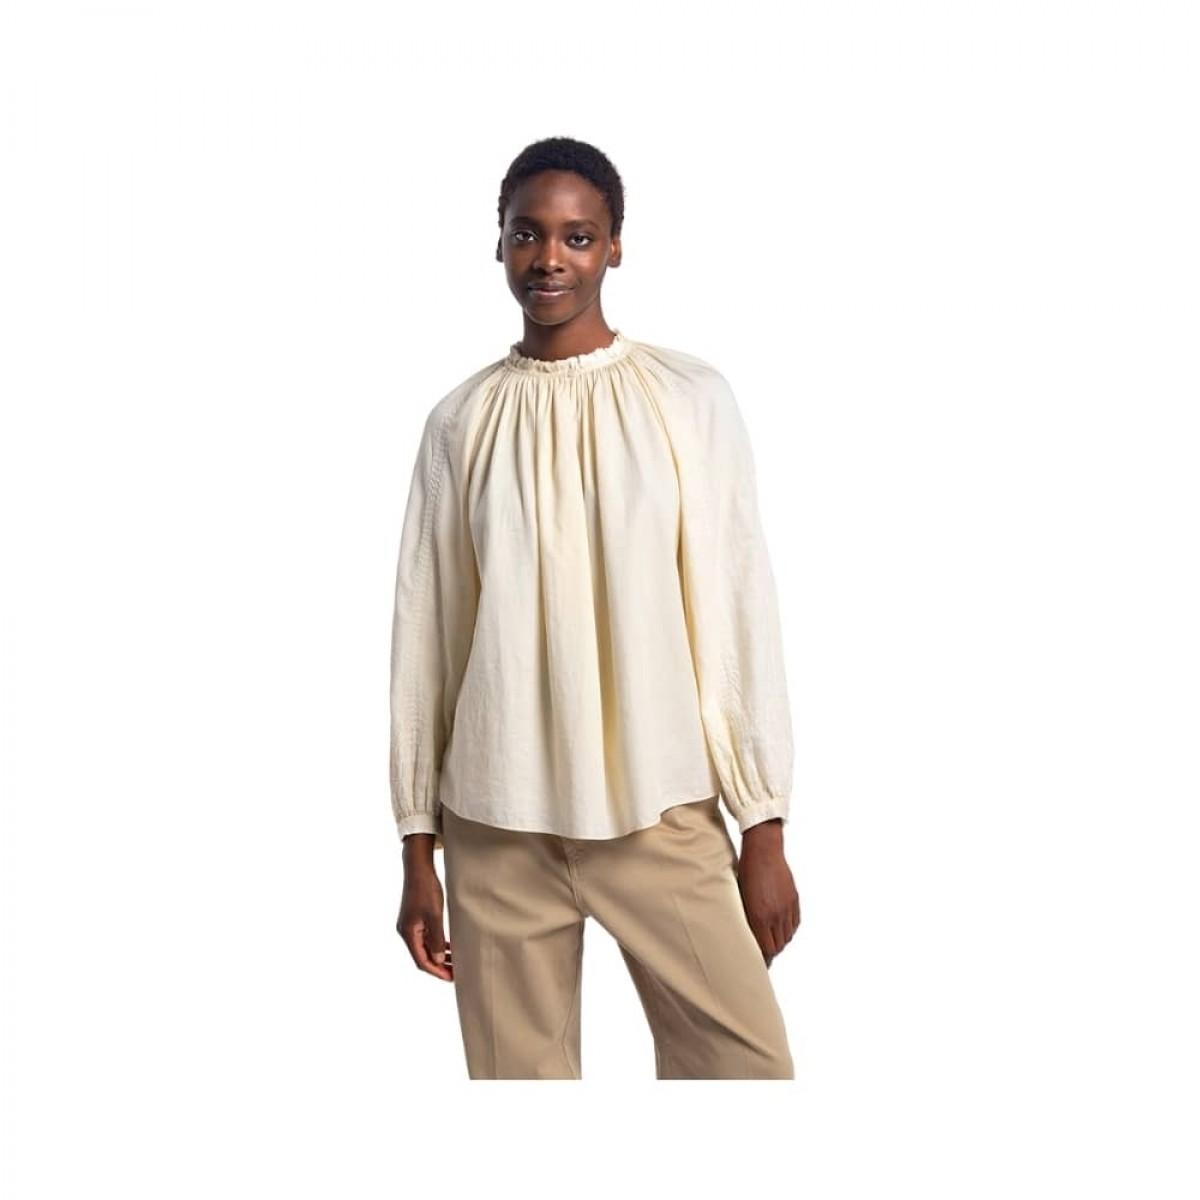 meyer bluse - ivoire - model front